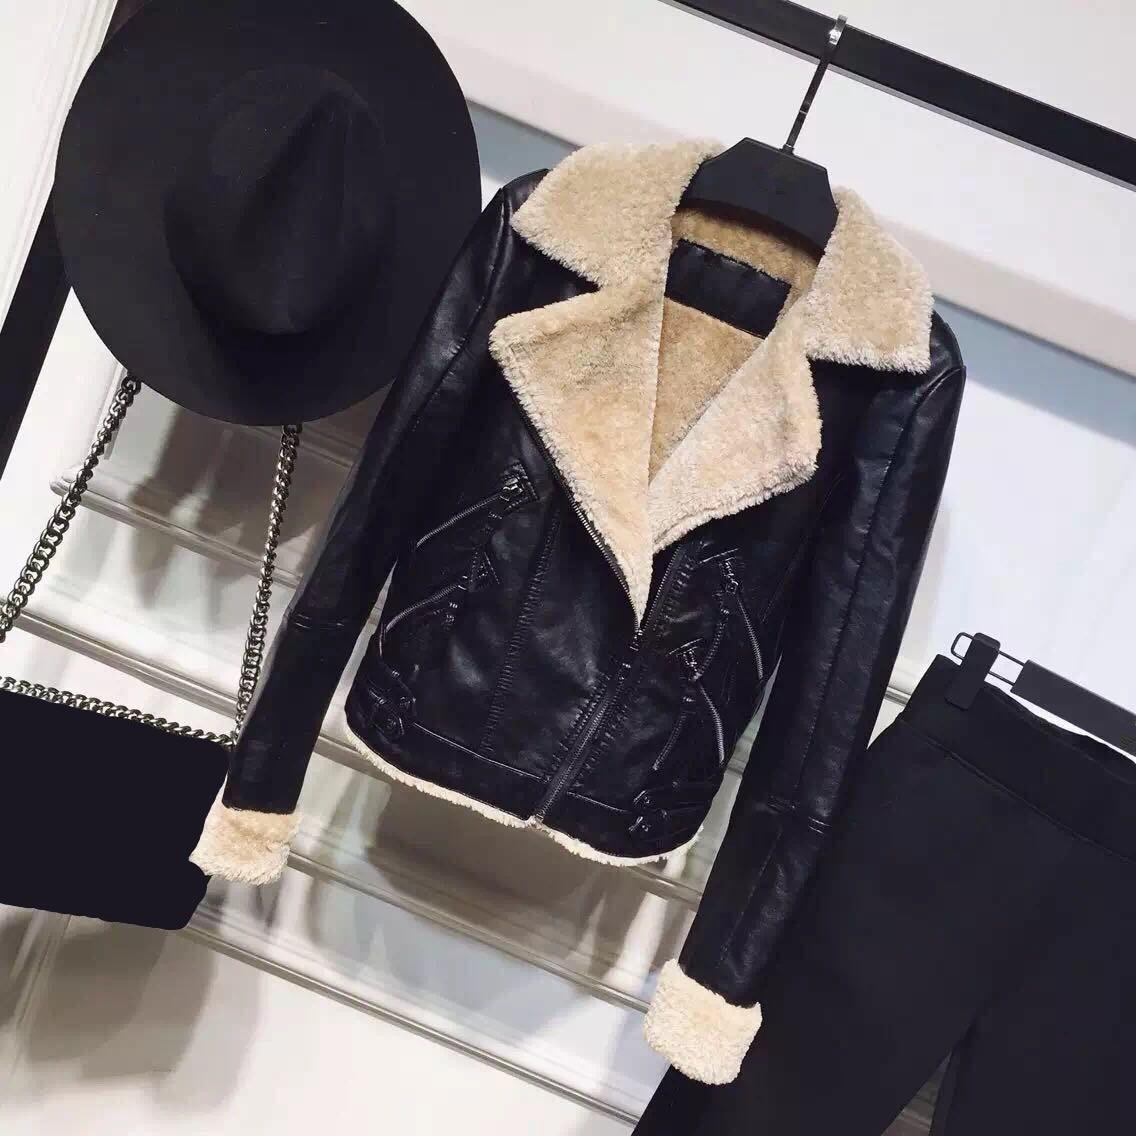 Hiver Épais Manteau Survêtement Pu Automne Cultures Agneau Faux 2018 En Noir Fourrure Agneaux Veste Nouvelle De Laine Cuir Mode Femmes Col wqvpHPC